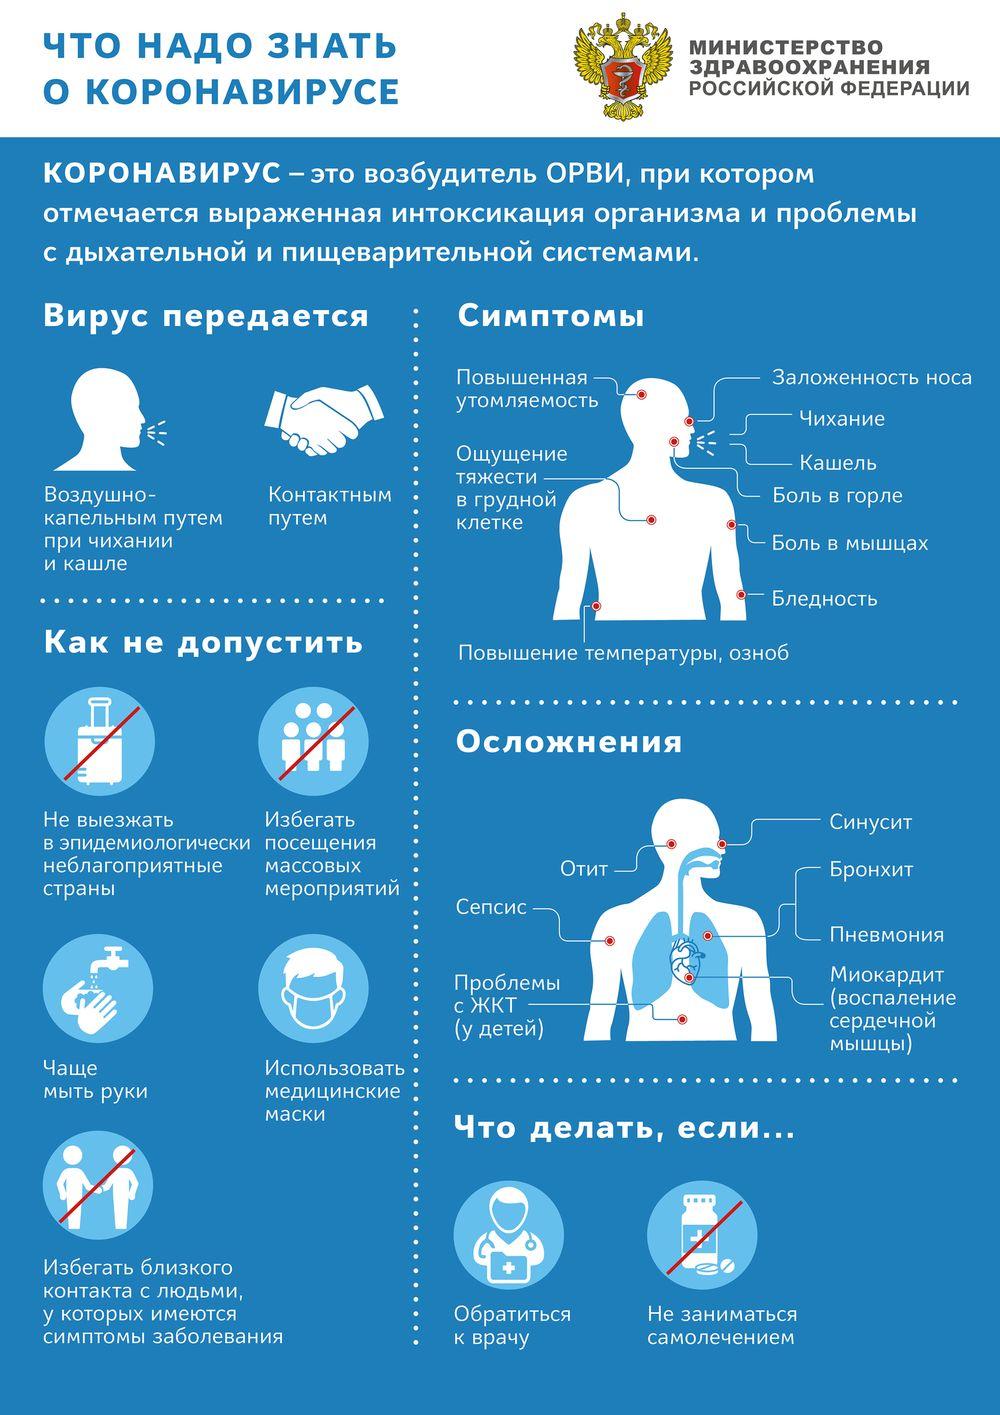 Защита от коронавируса: памятка Минздрава